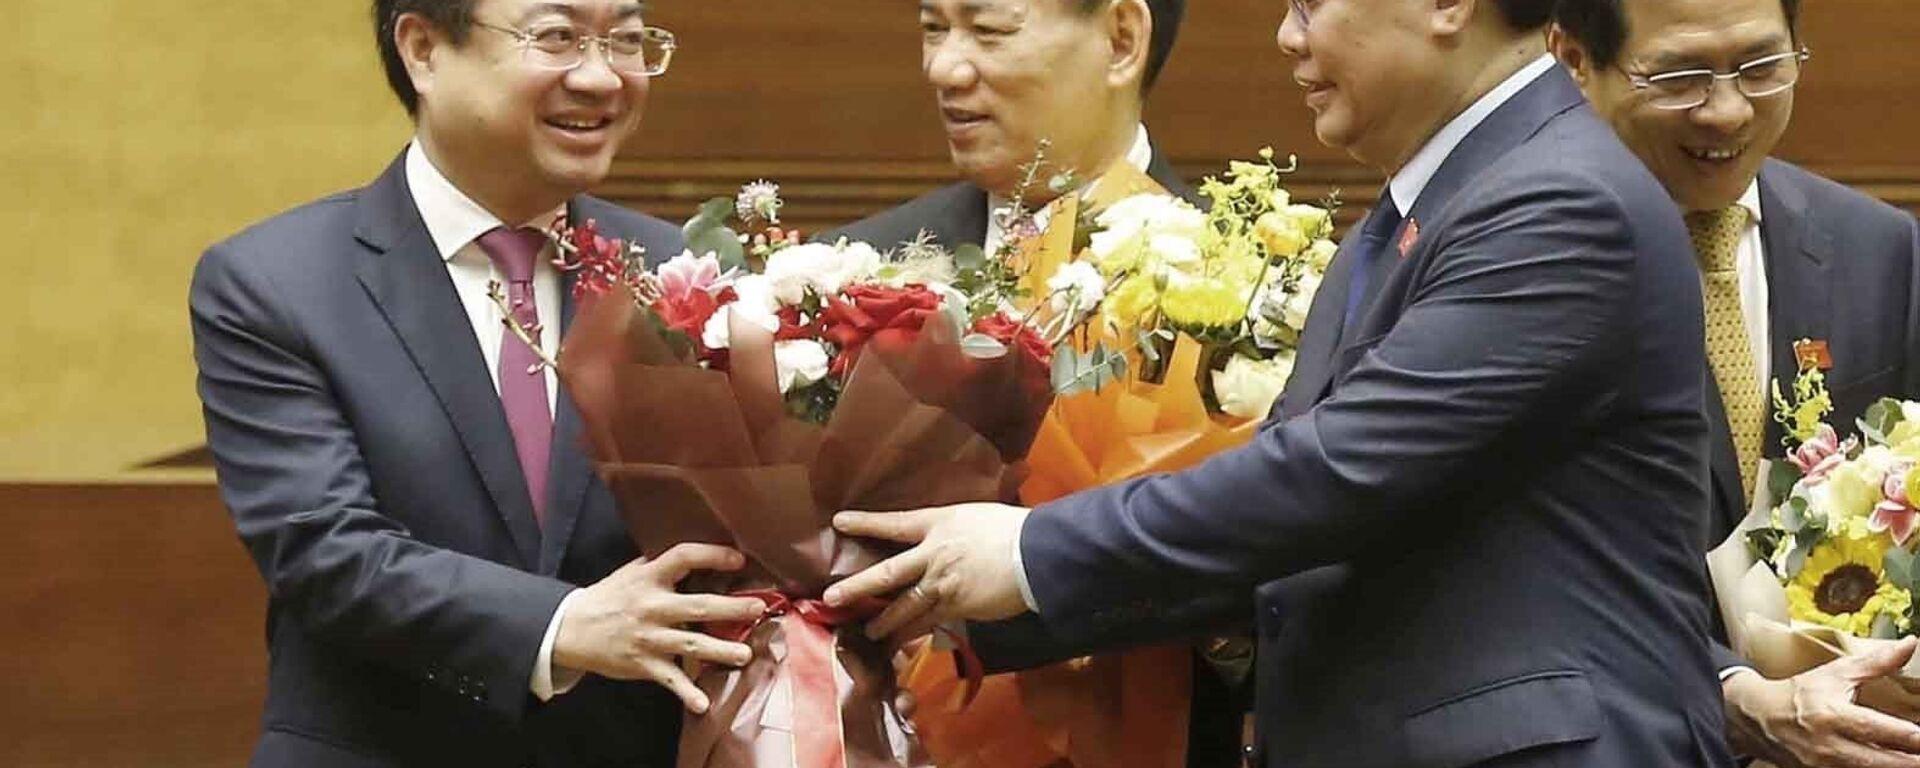 Chủ tịch Quốc hội Vương Đình Huệ tặng hoa chúc mừng Bộ trưởng Bộ Xây dựng Nguyễn Thanh Nghị. - Sputnik Việt Nam, 1920, 08.04.2021